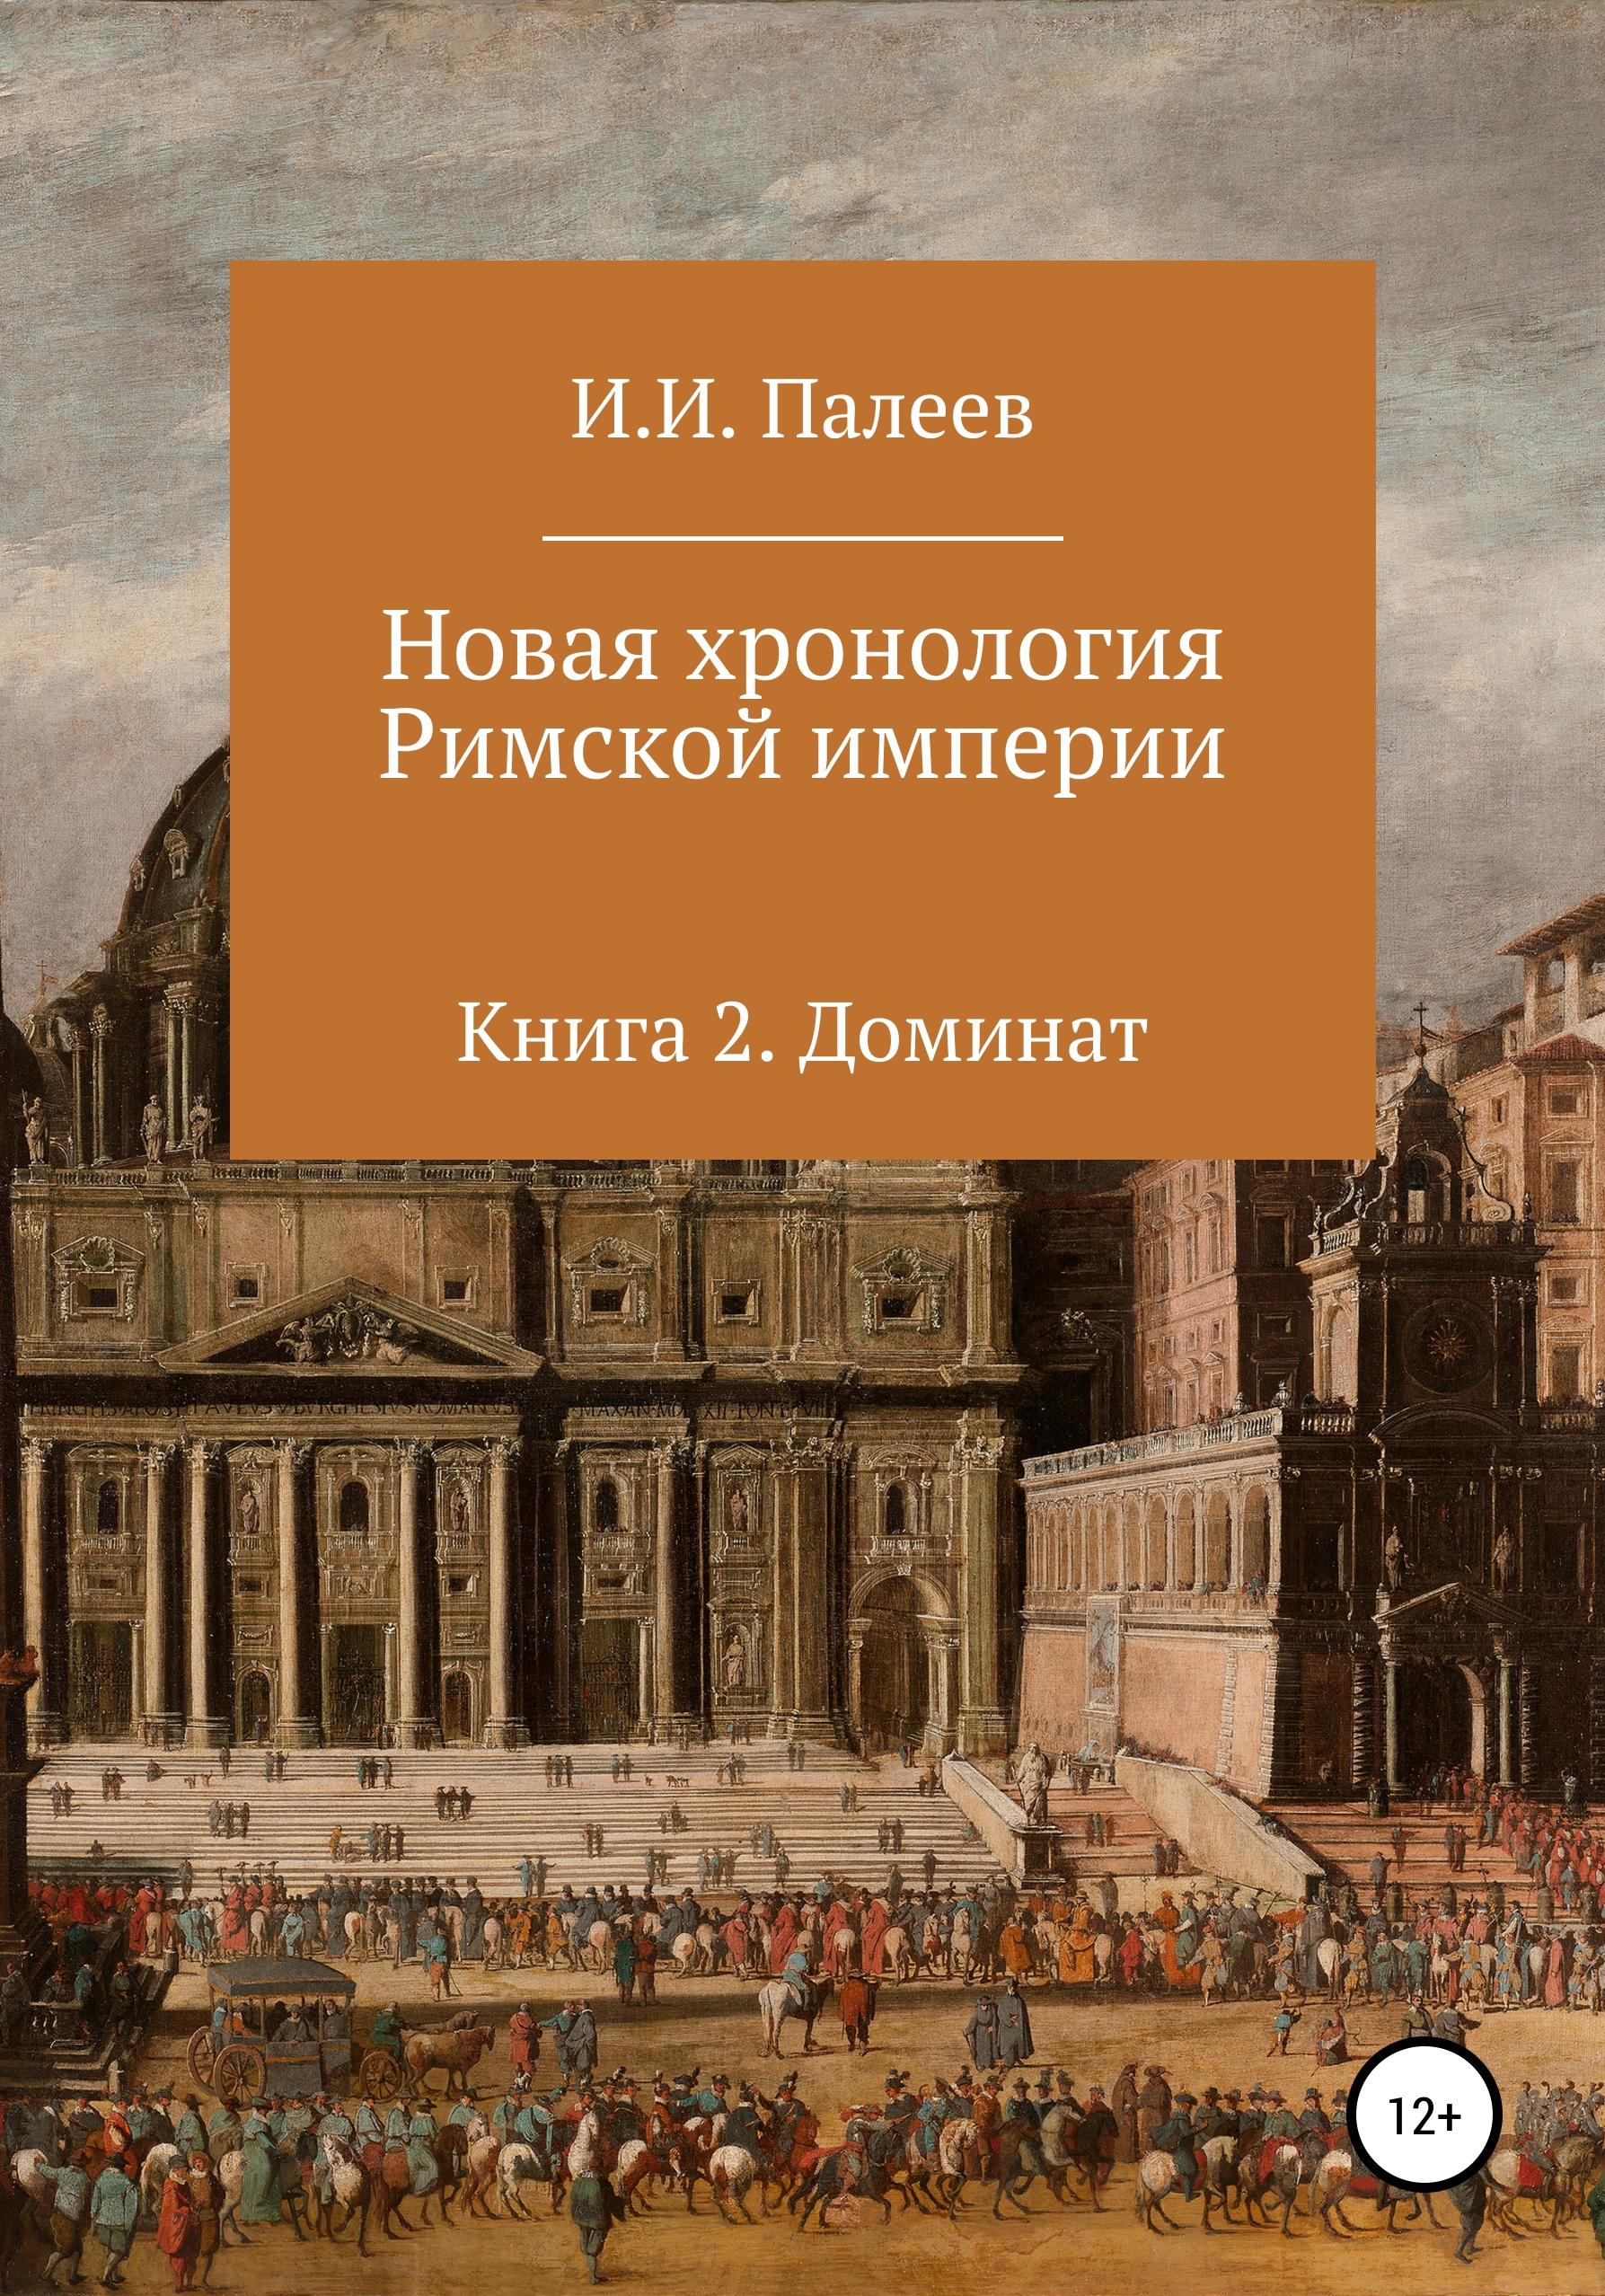 Игорь Иванович Палеев Новая хронология Римской империи. Книга 2 недорого